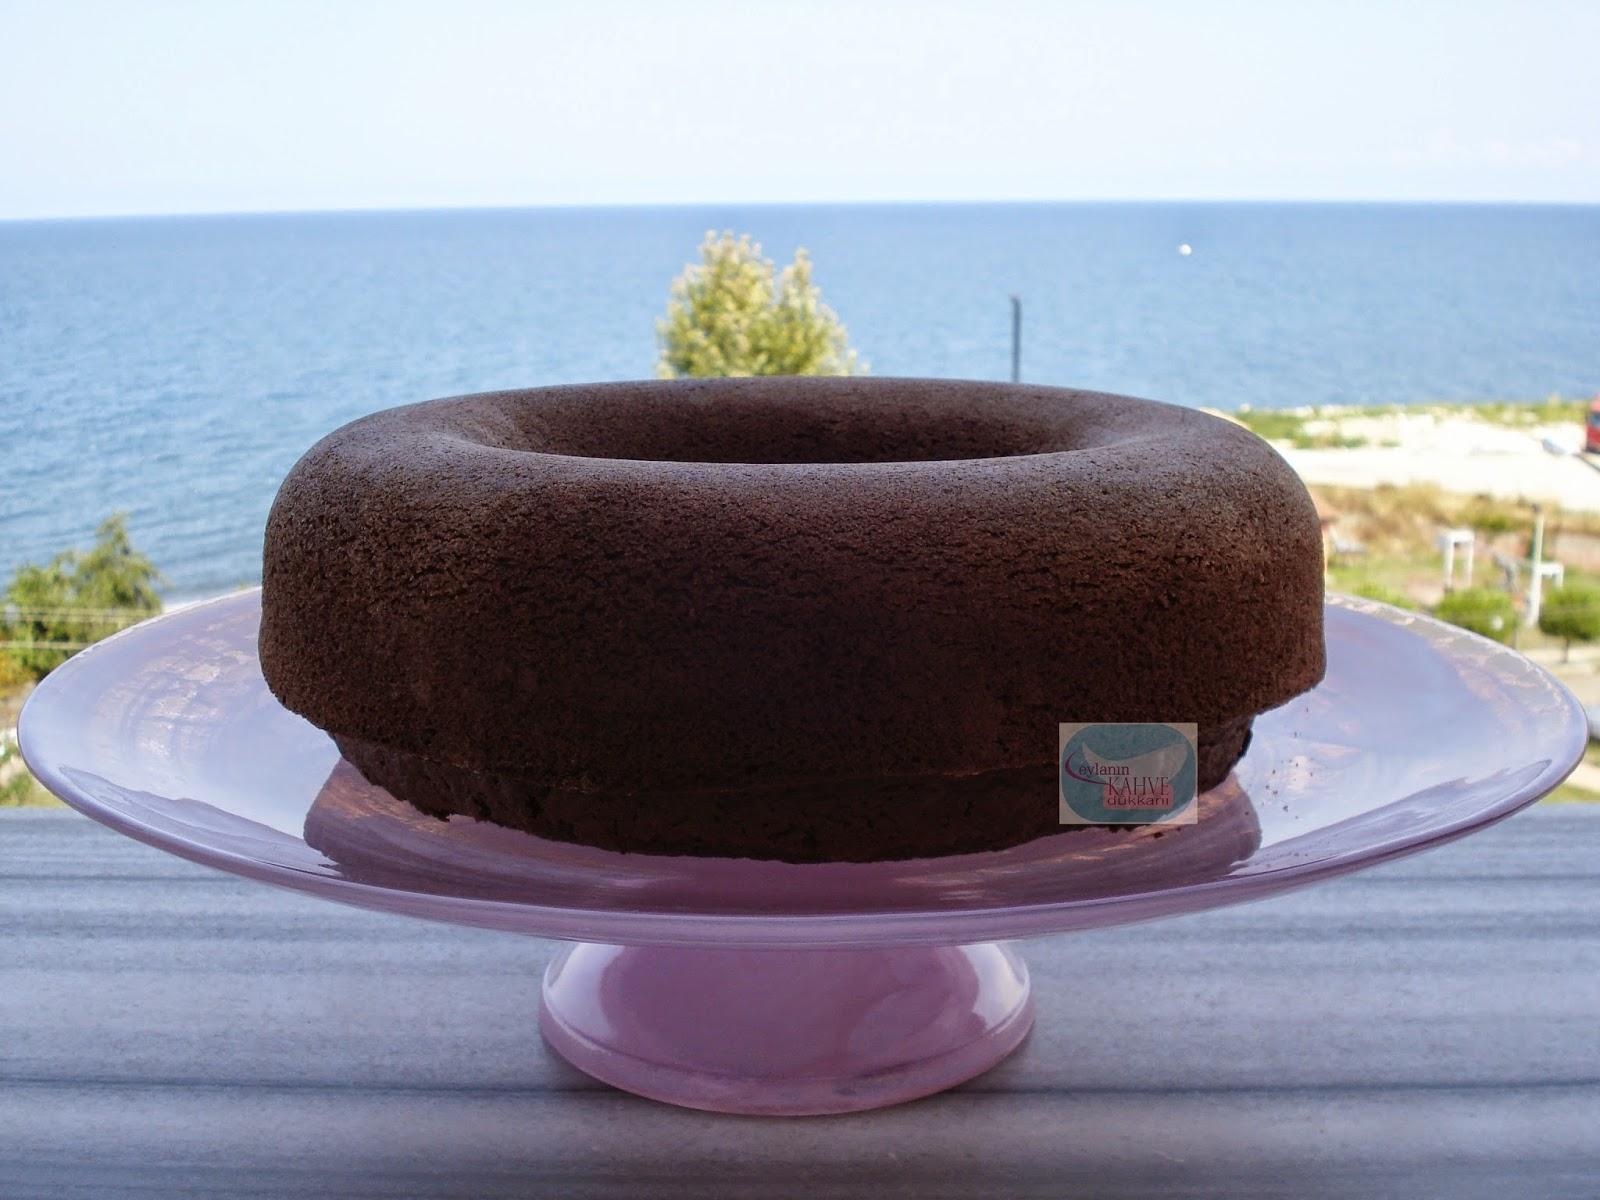 Kakaolu ve bademli kek , bademli kek nasıl yapılır ?